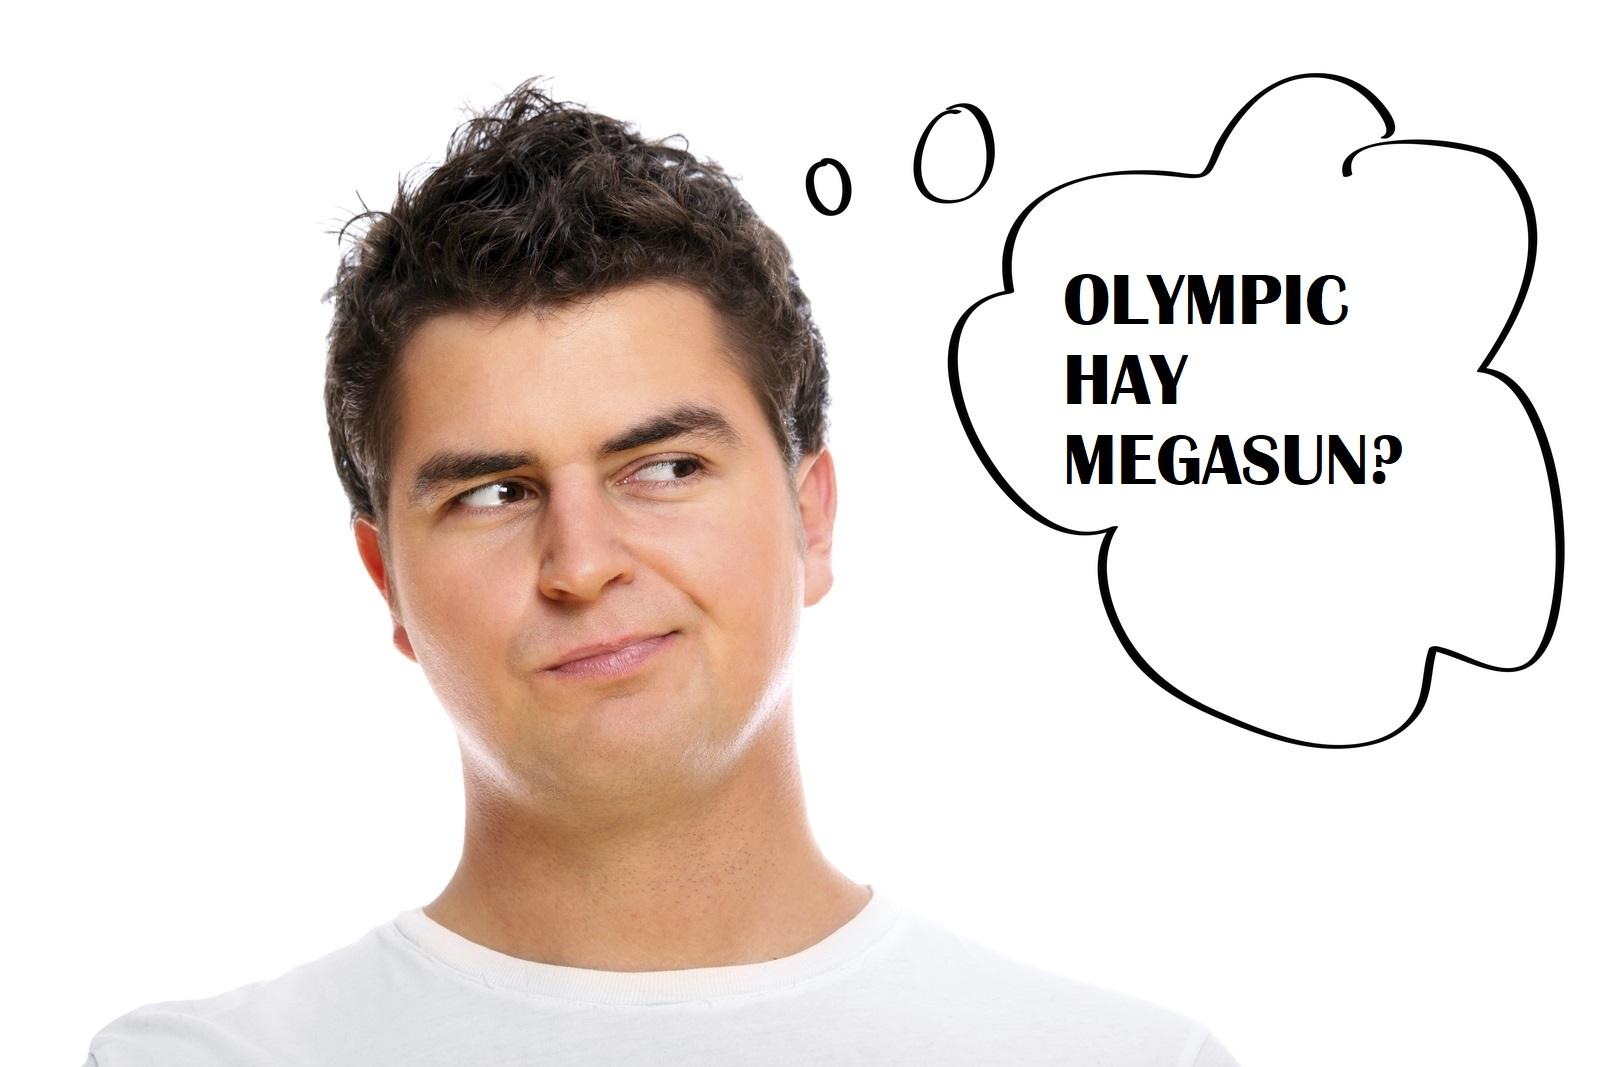 Máy năng lượng mặt trời Olympic hay Megasun?